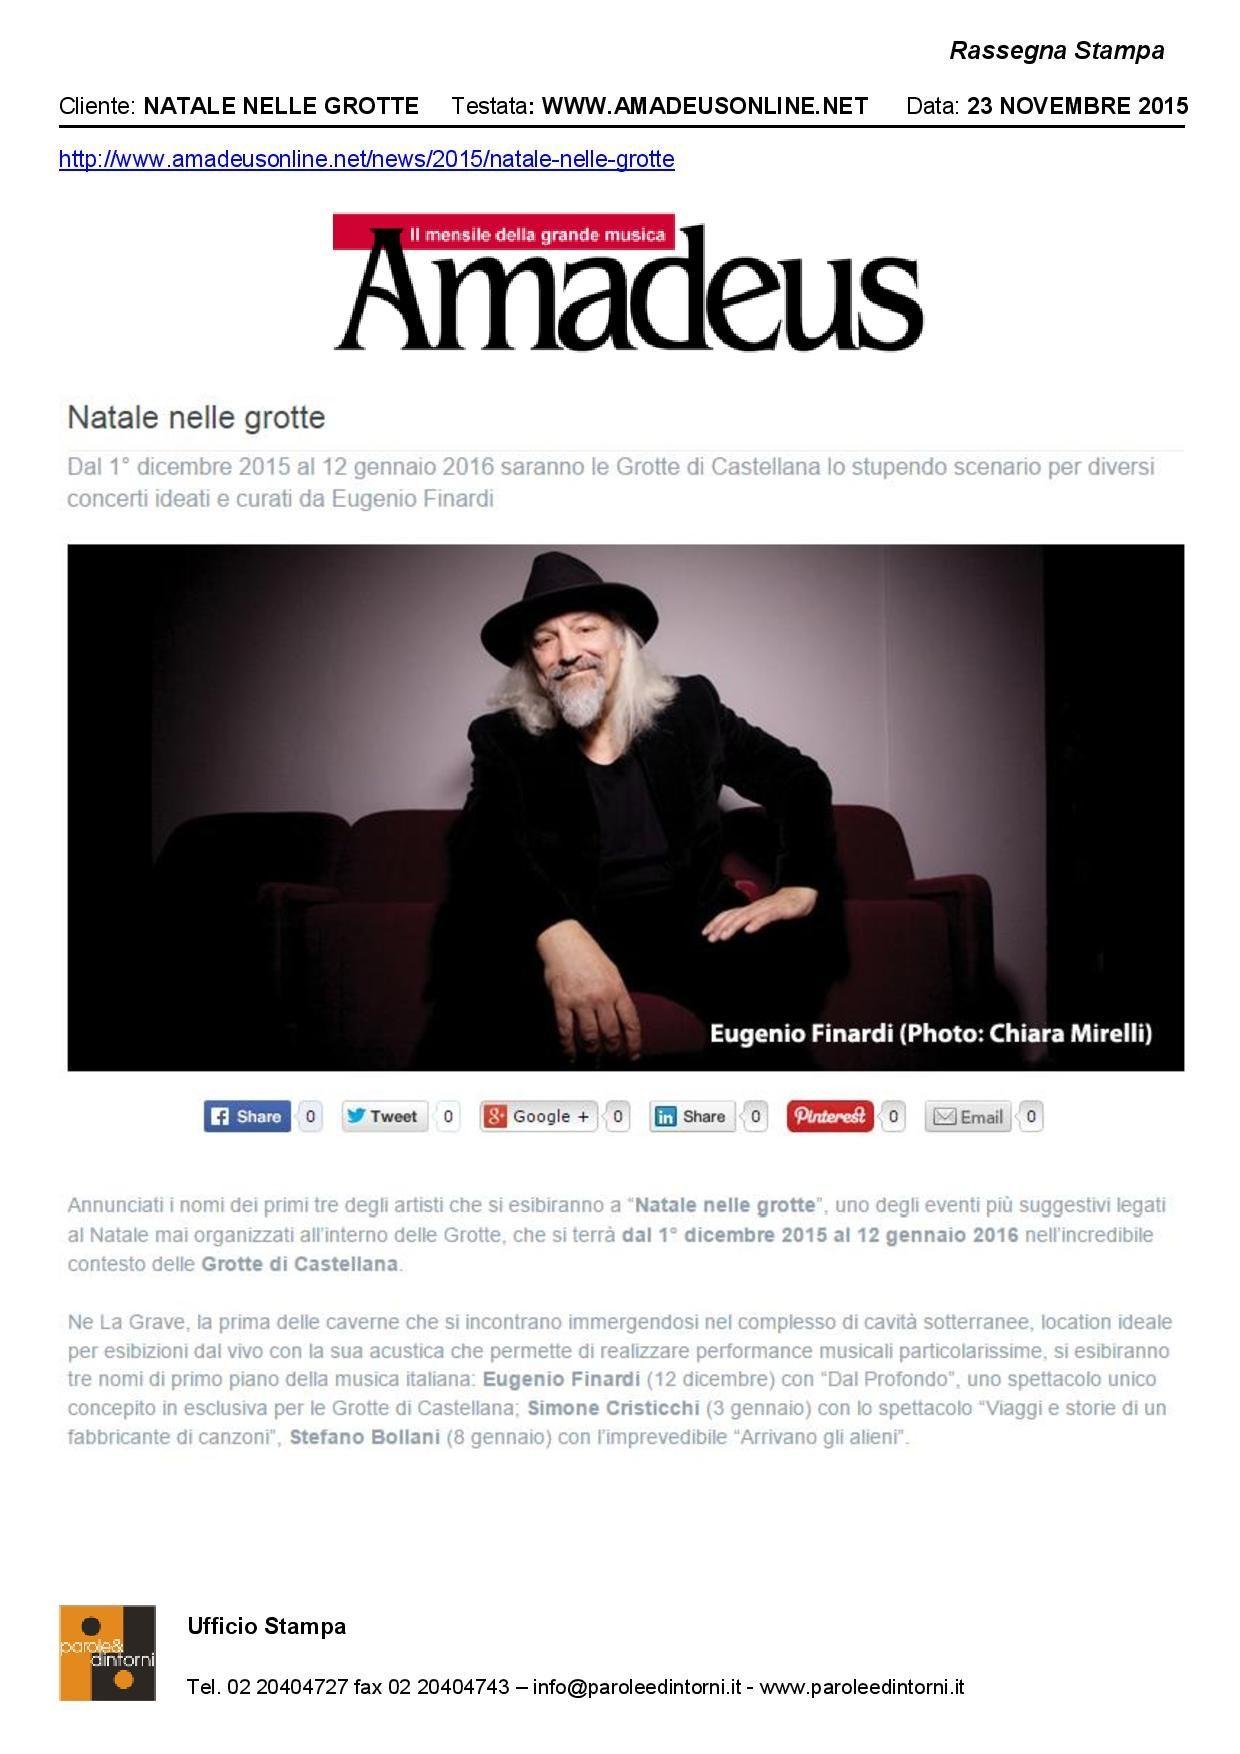 20151123_www.amadeusonline.net_Natale nelle Grotte-page-001